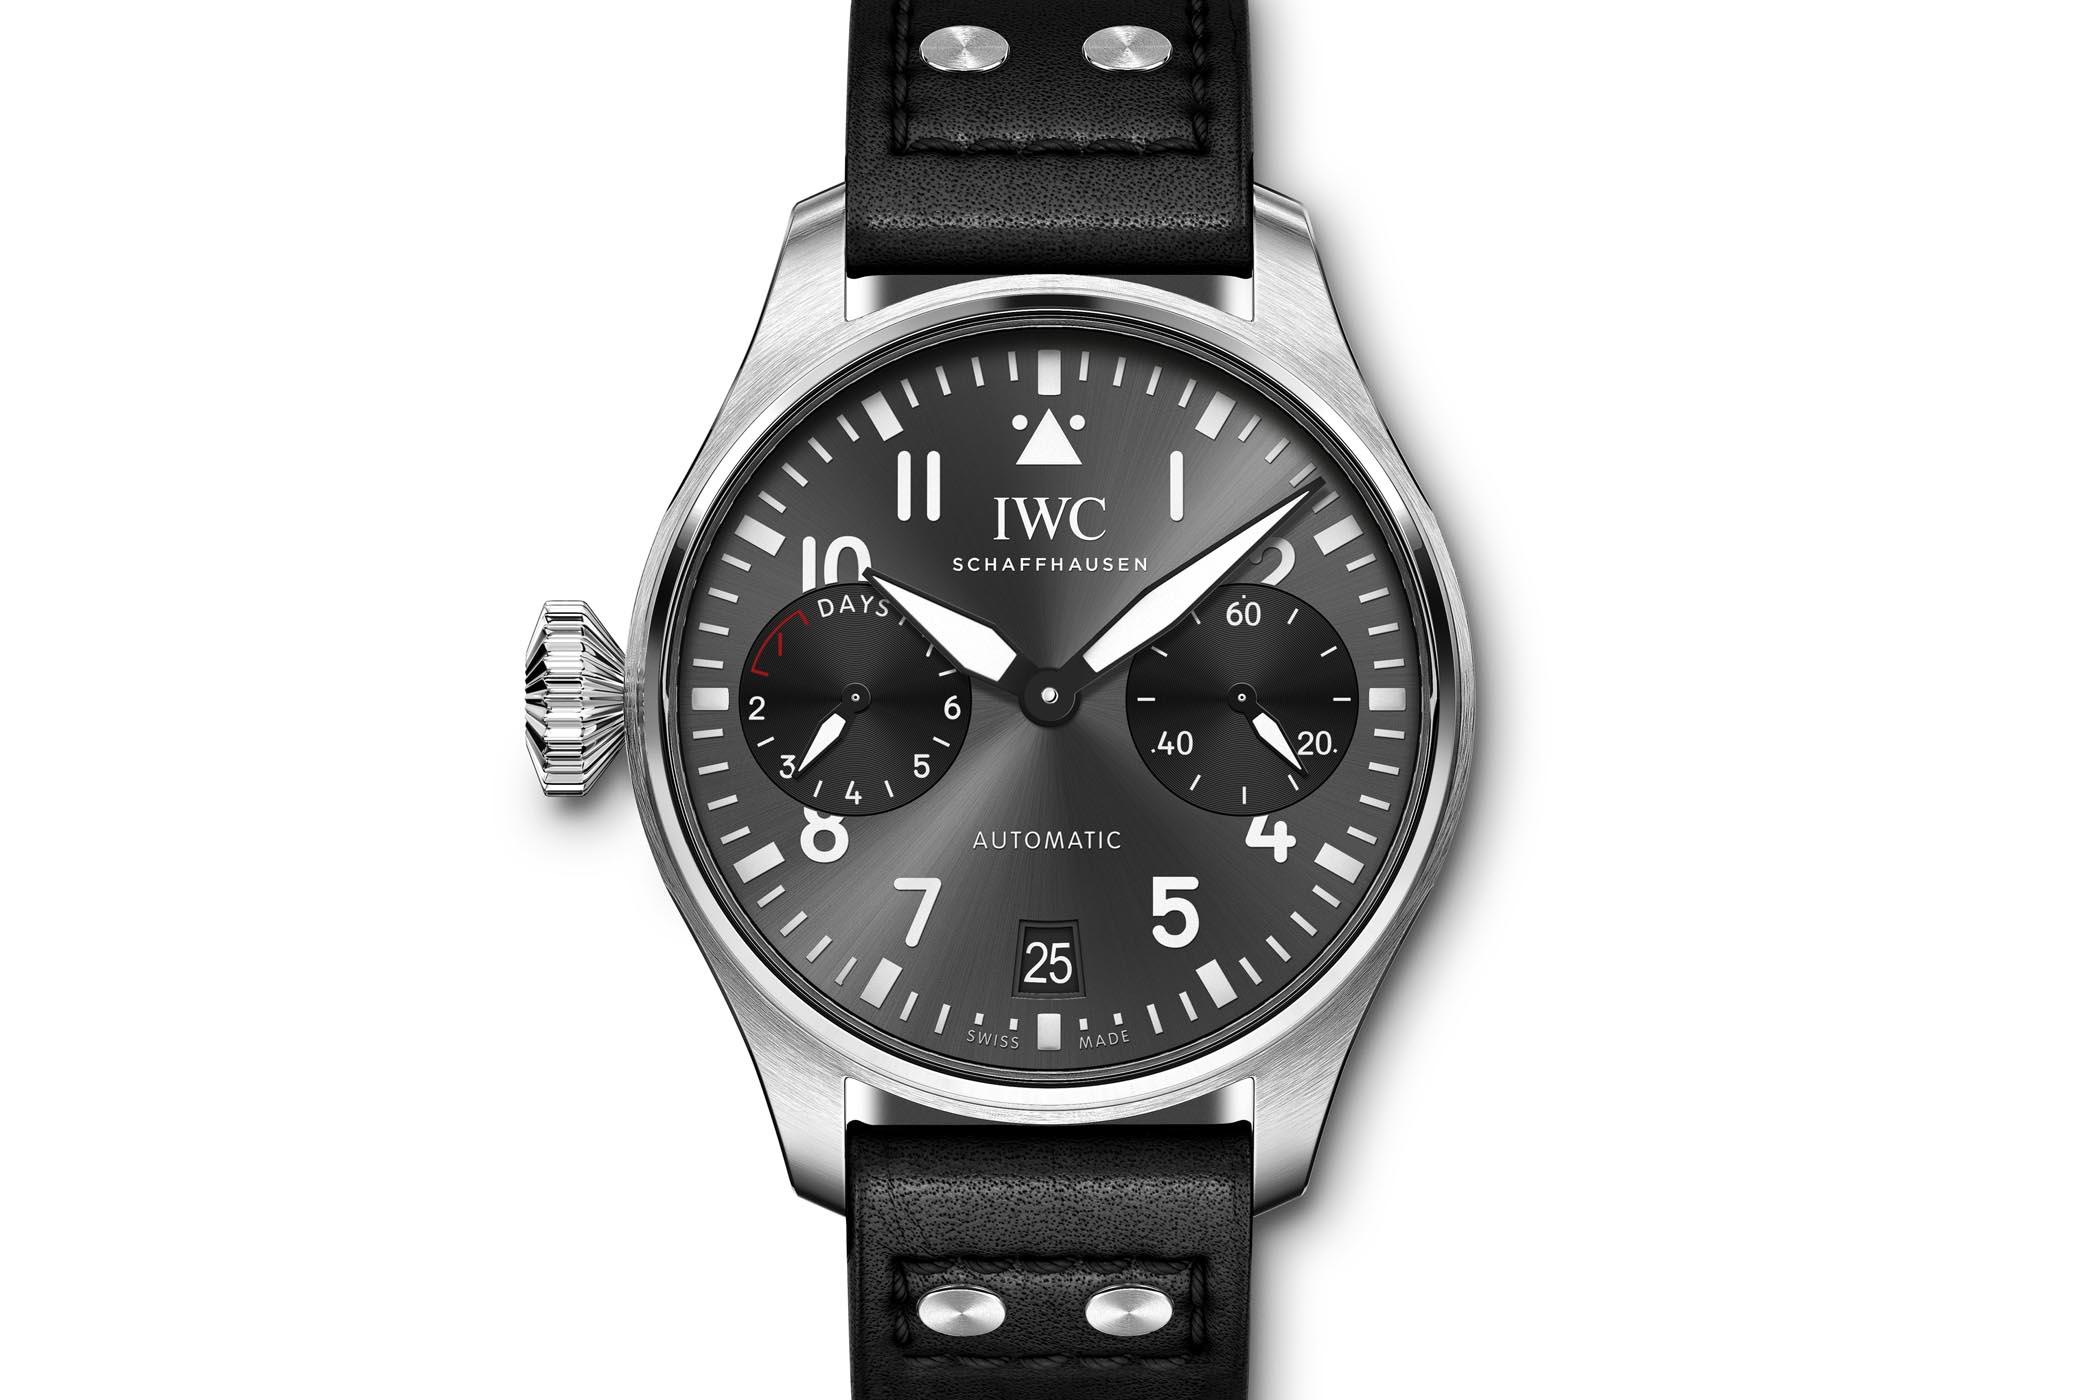 De IWC Silver Spitfire is begonnen aan The Longest Flight